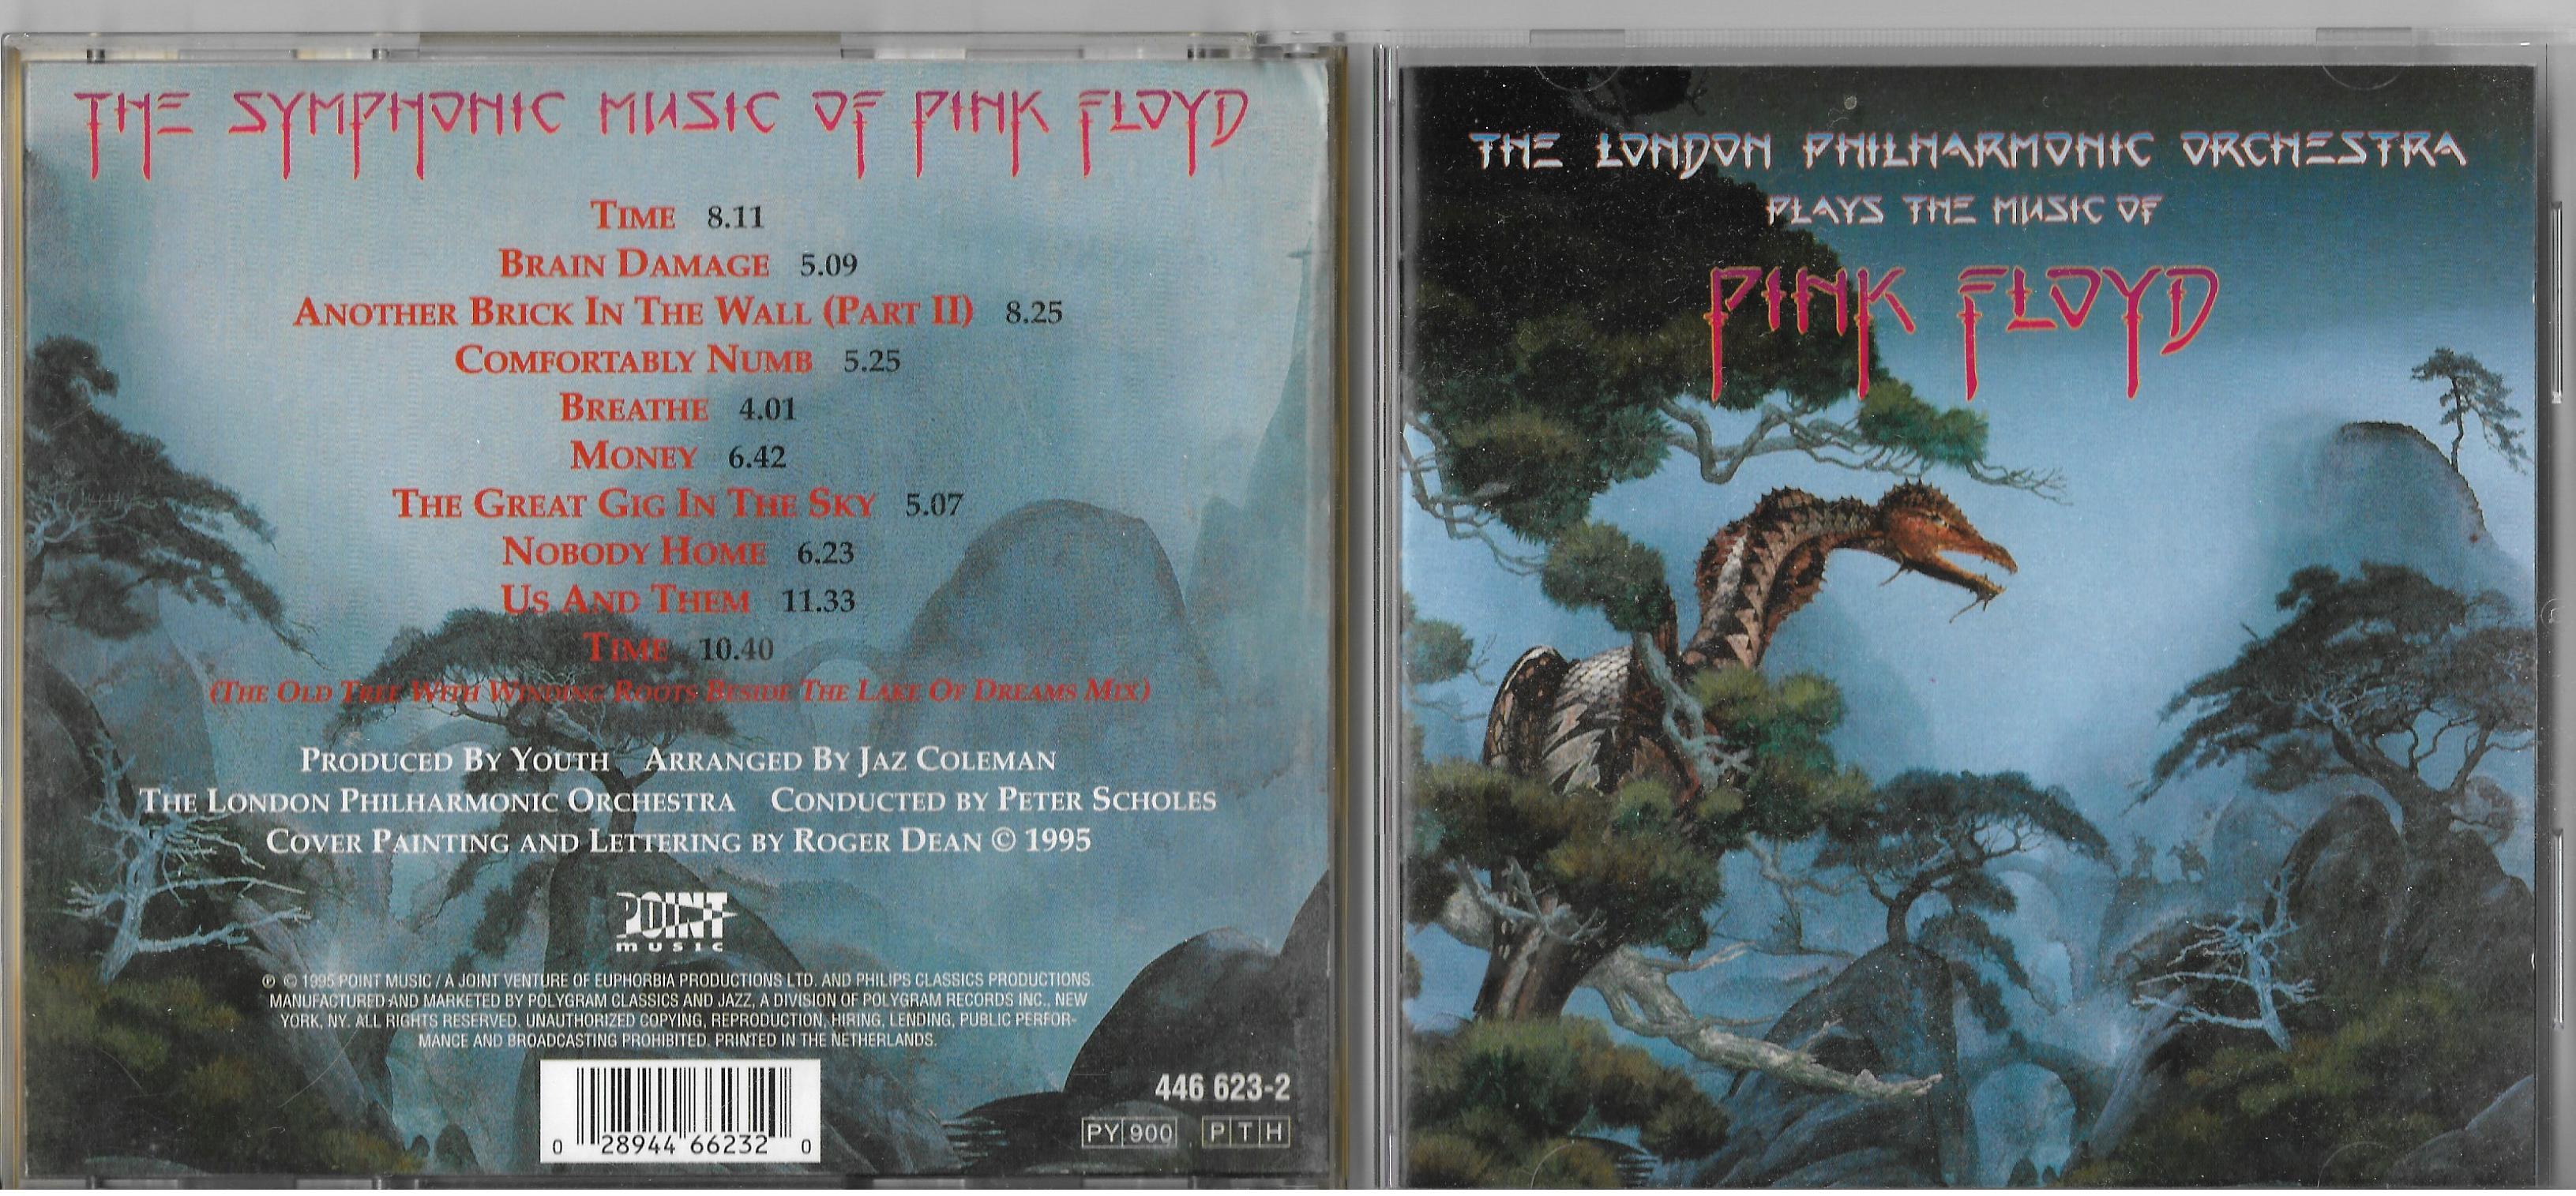 PINK FLOYD - Best Of - A Foot In The Door - CD